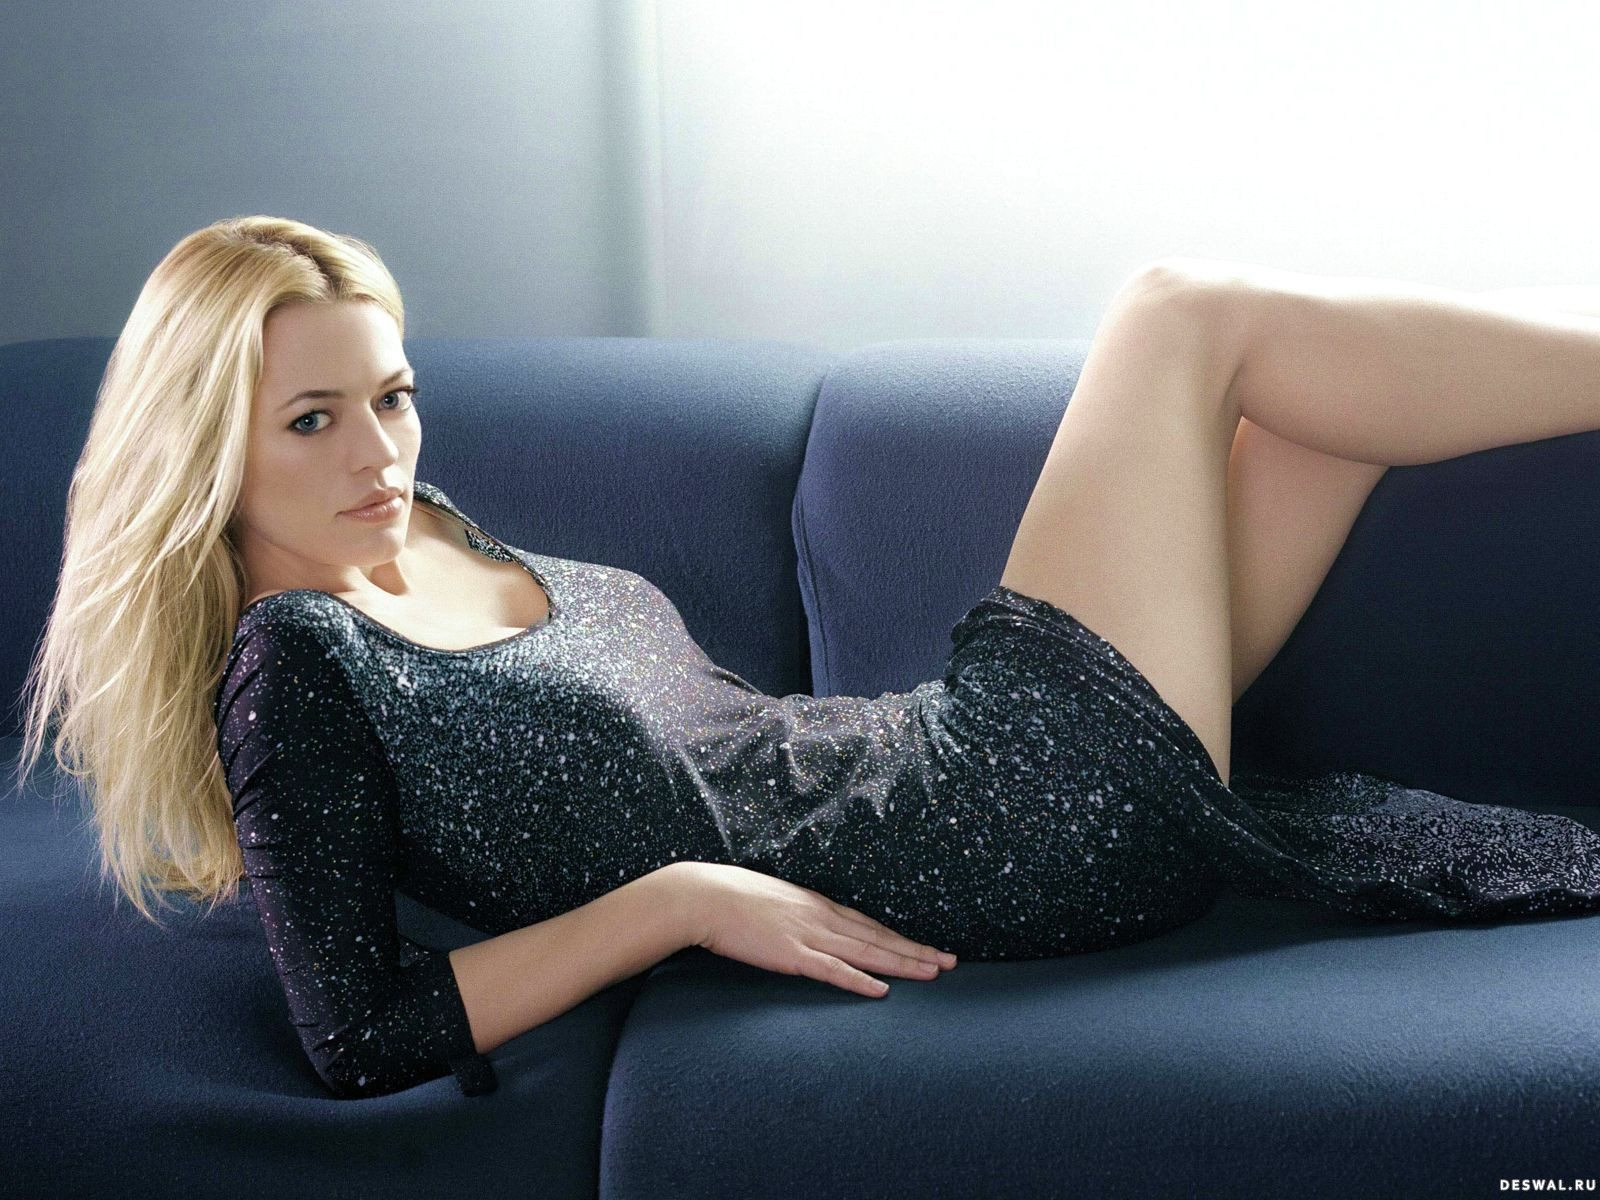 Роковые блондинки смотреть онлайн 21 фотография